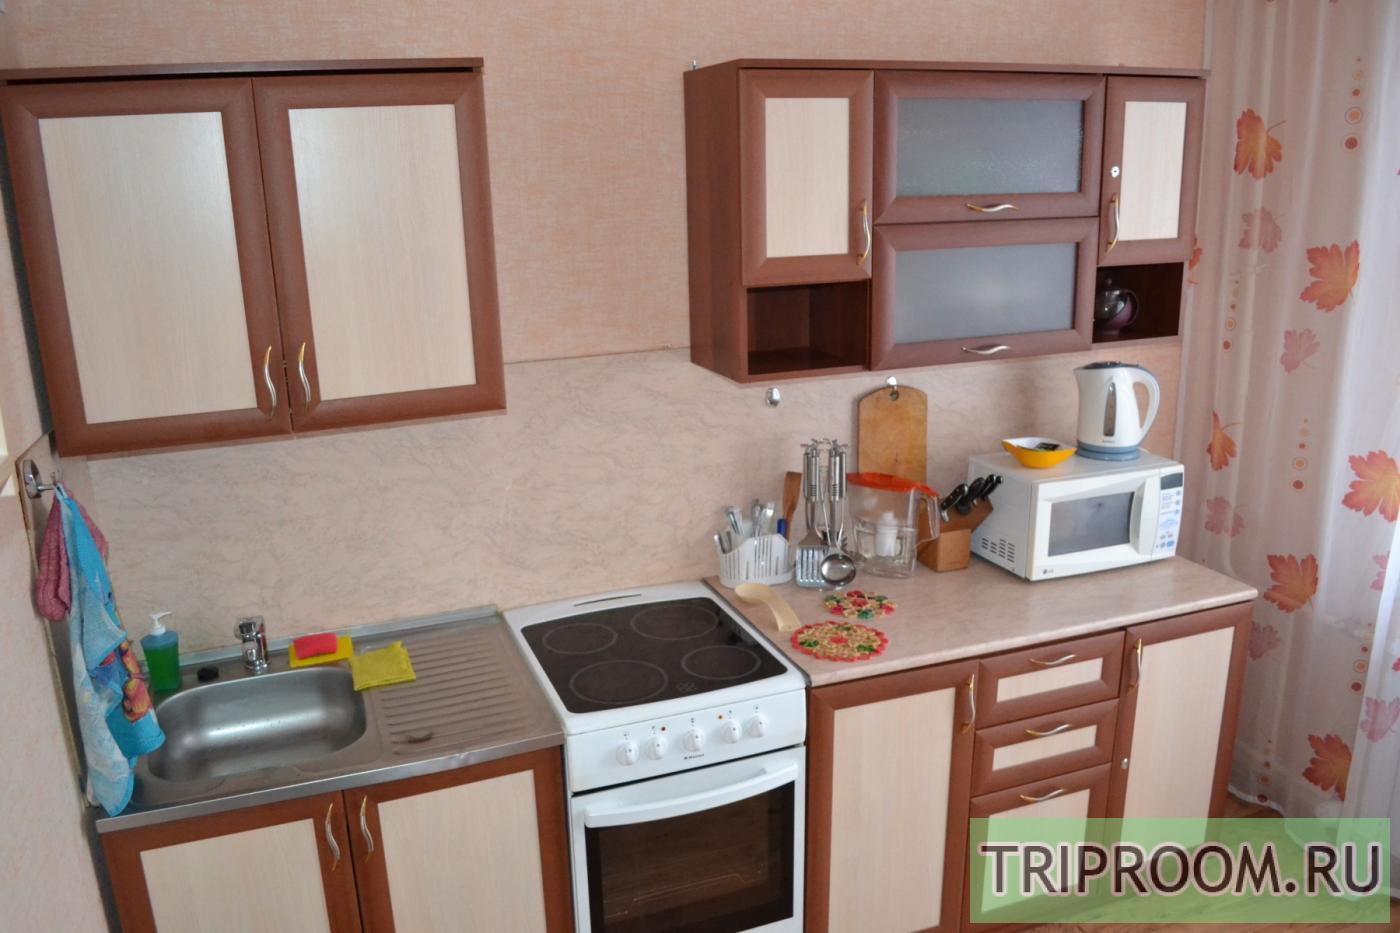 1-комнатная квартира посуточно (вариант № 10439), ул. Александра Шмакова улица, фото № 4